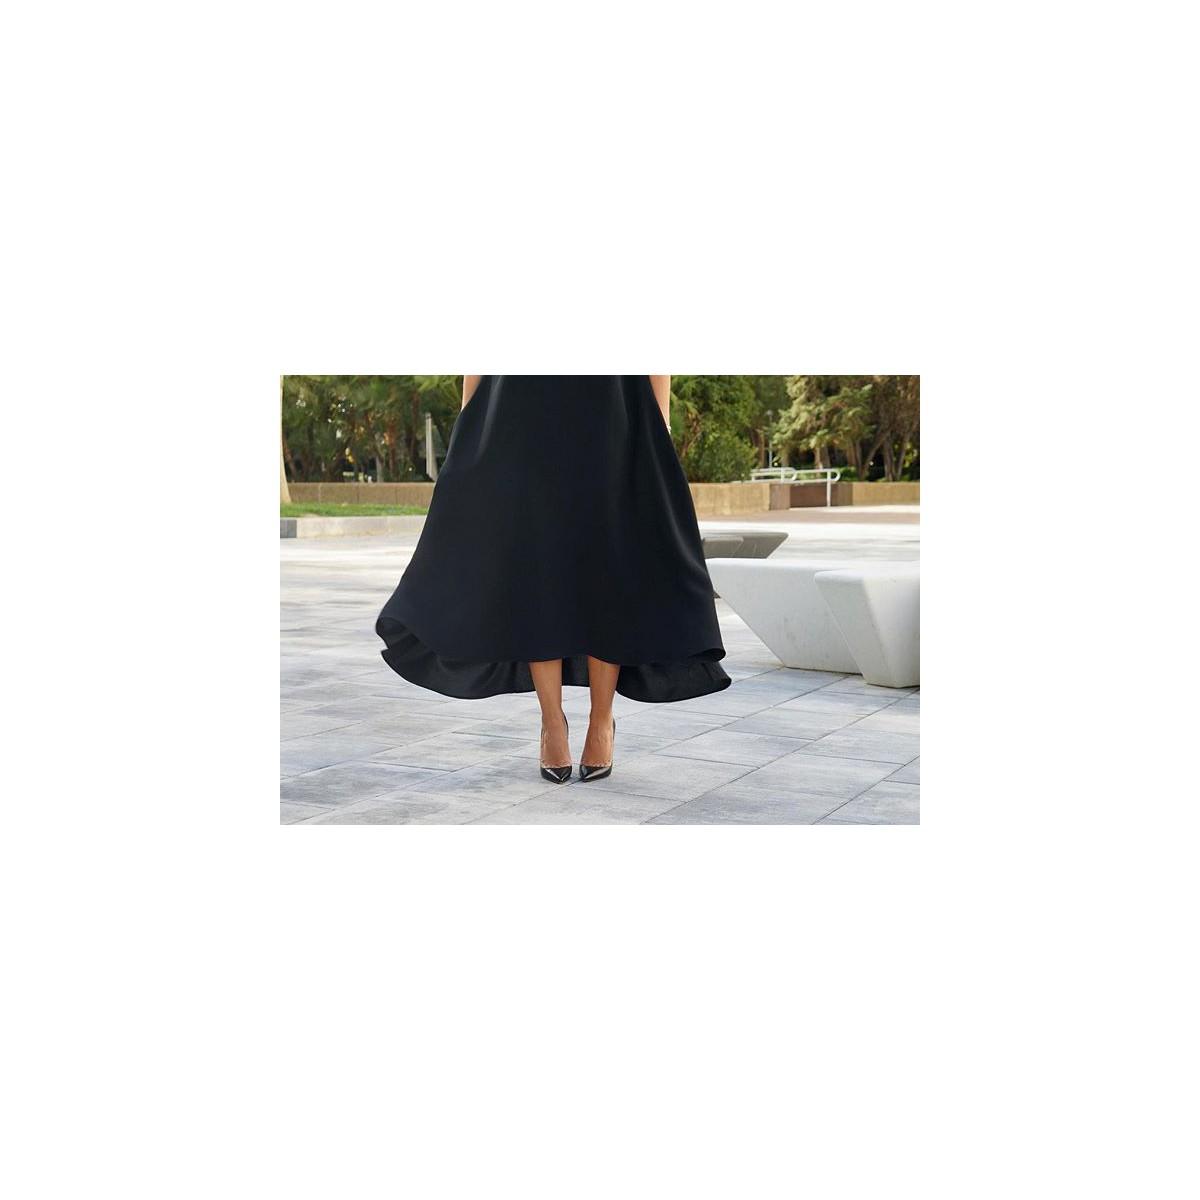 鞋履 - Pigalle 黑色漆皮中跟鞋 - Christian Louboutin